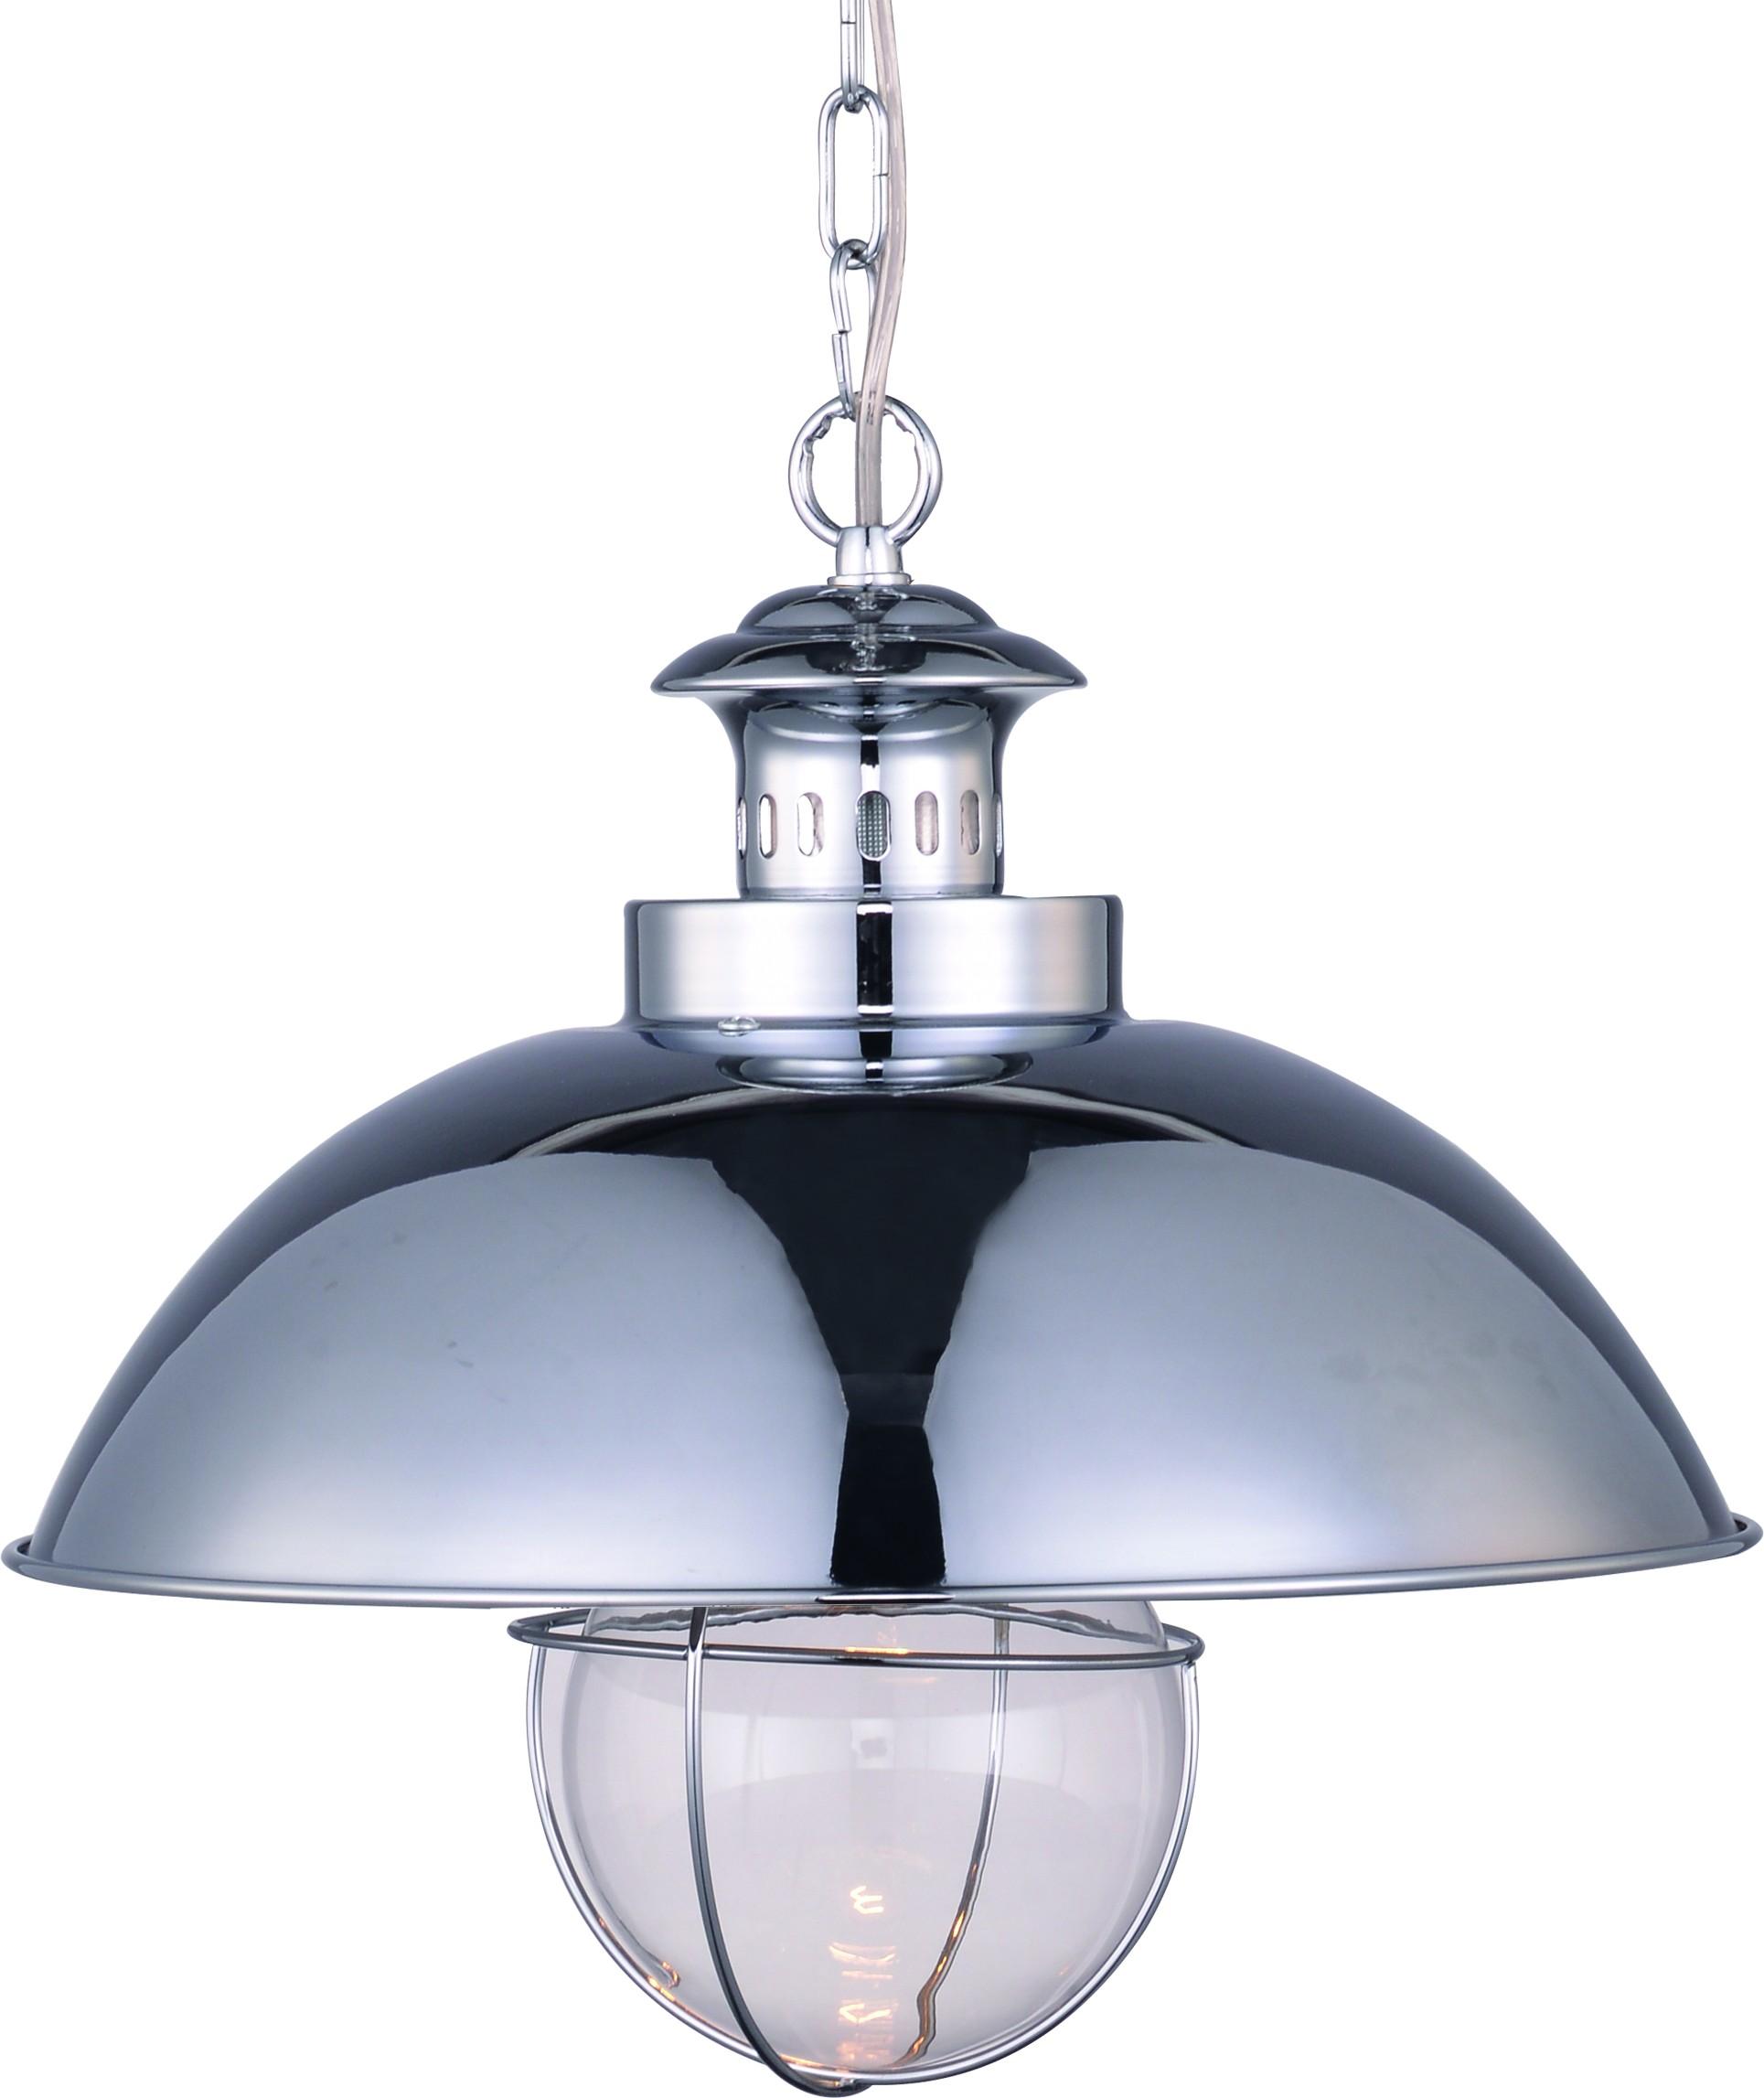 Купить Светильник подвесной Arte lamp A8024sp-1cc